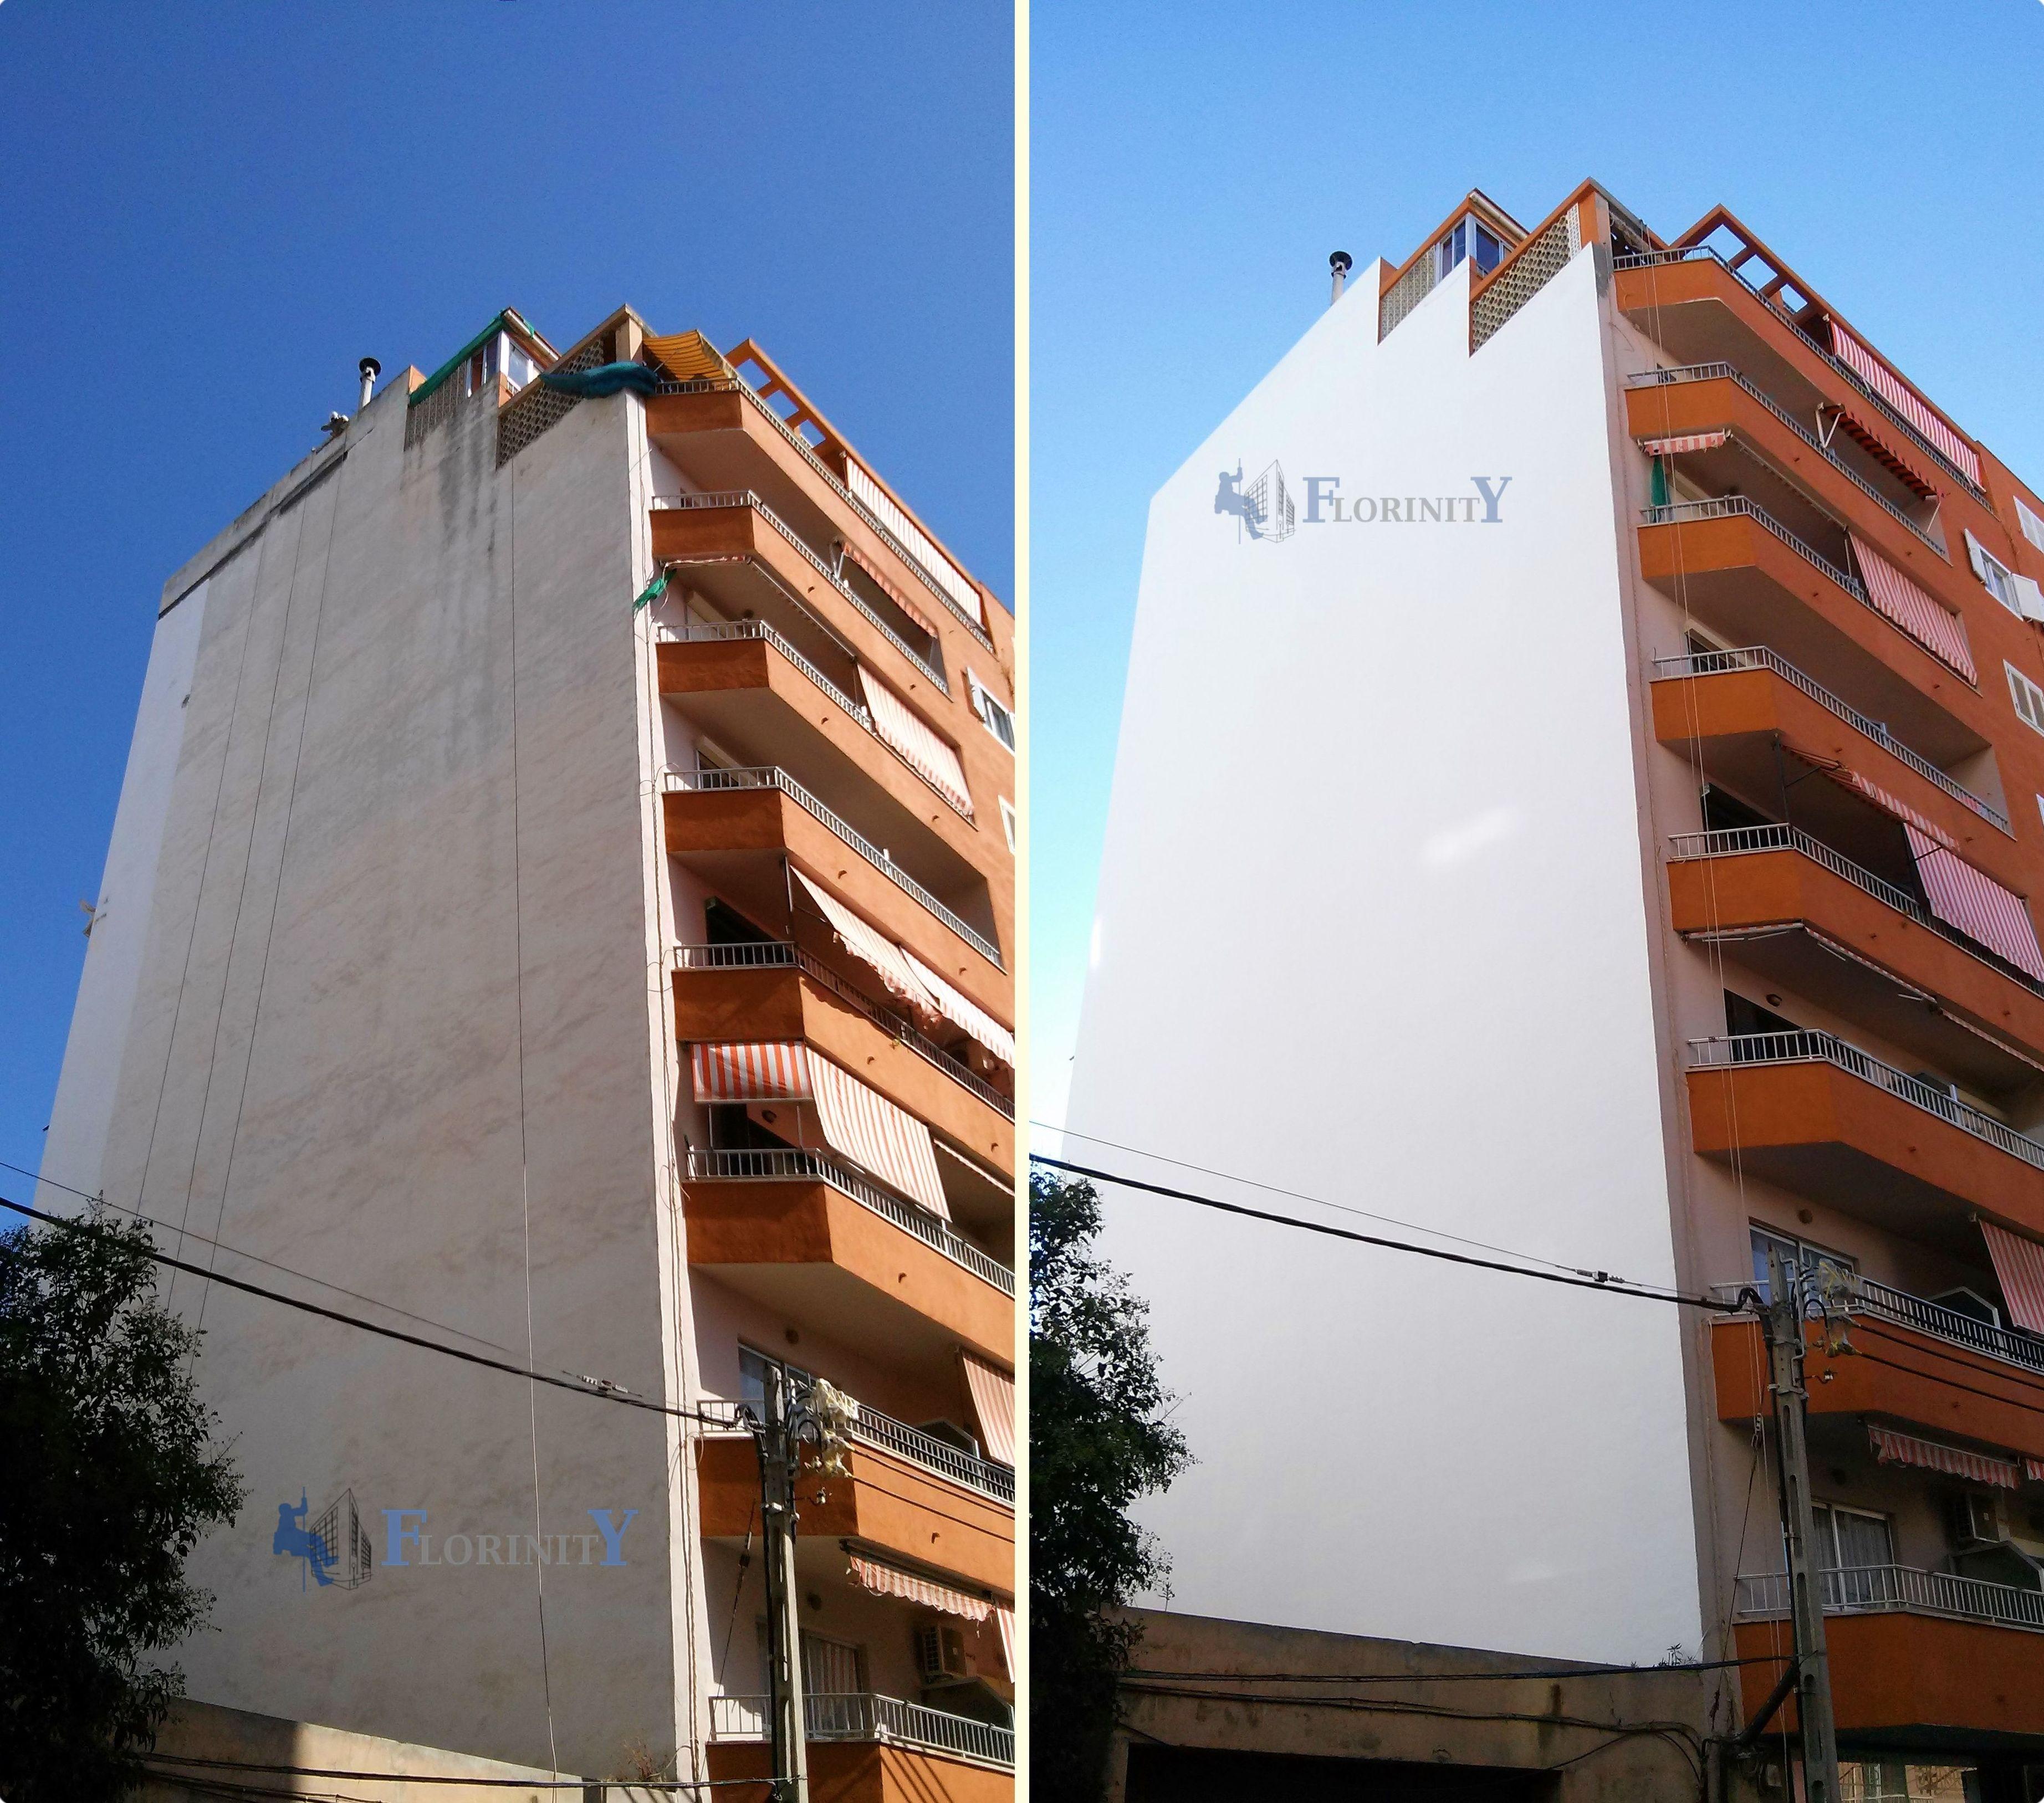 Rehabilitación de fachadas sin andamios en Mallorca